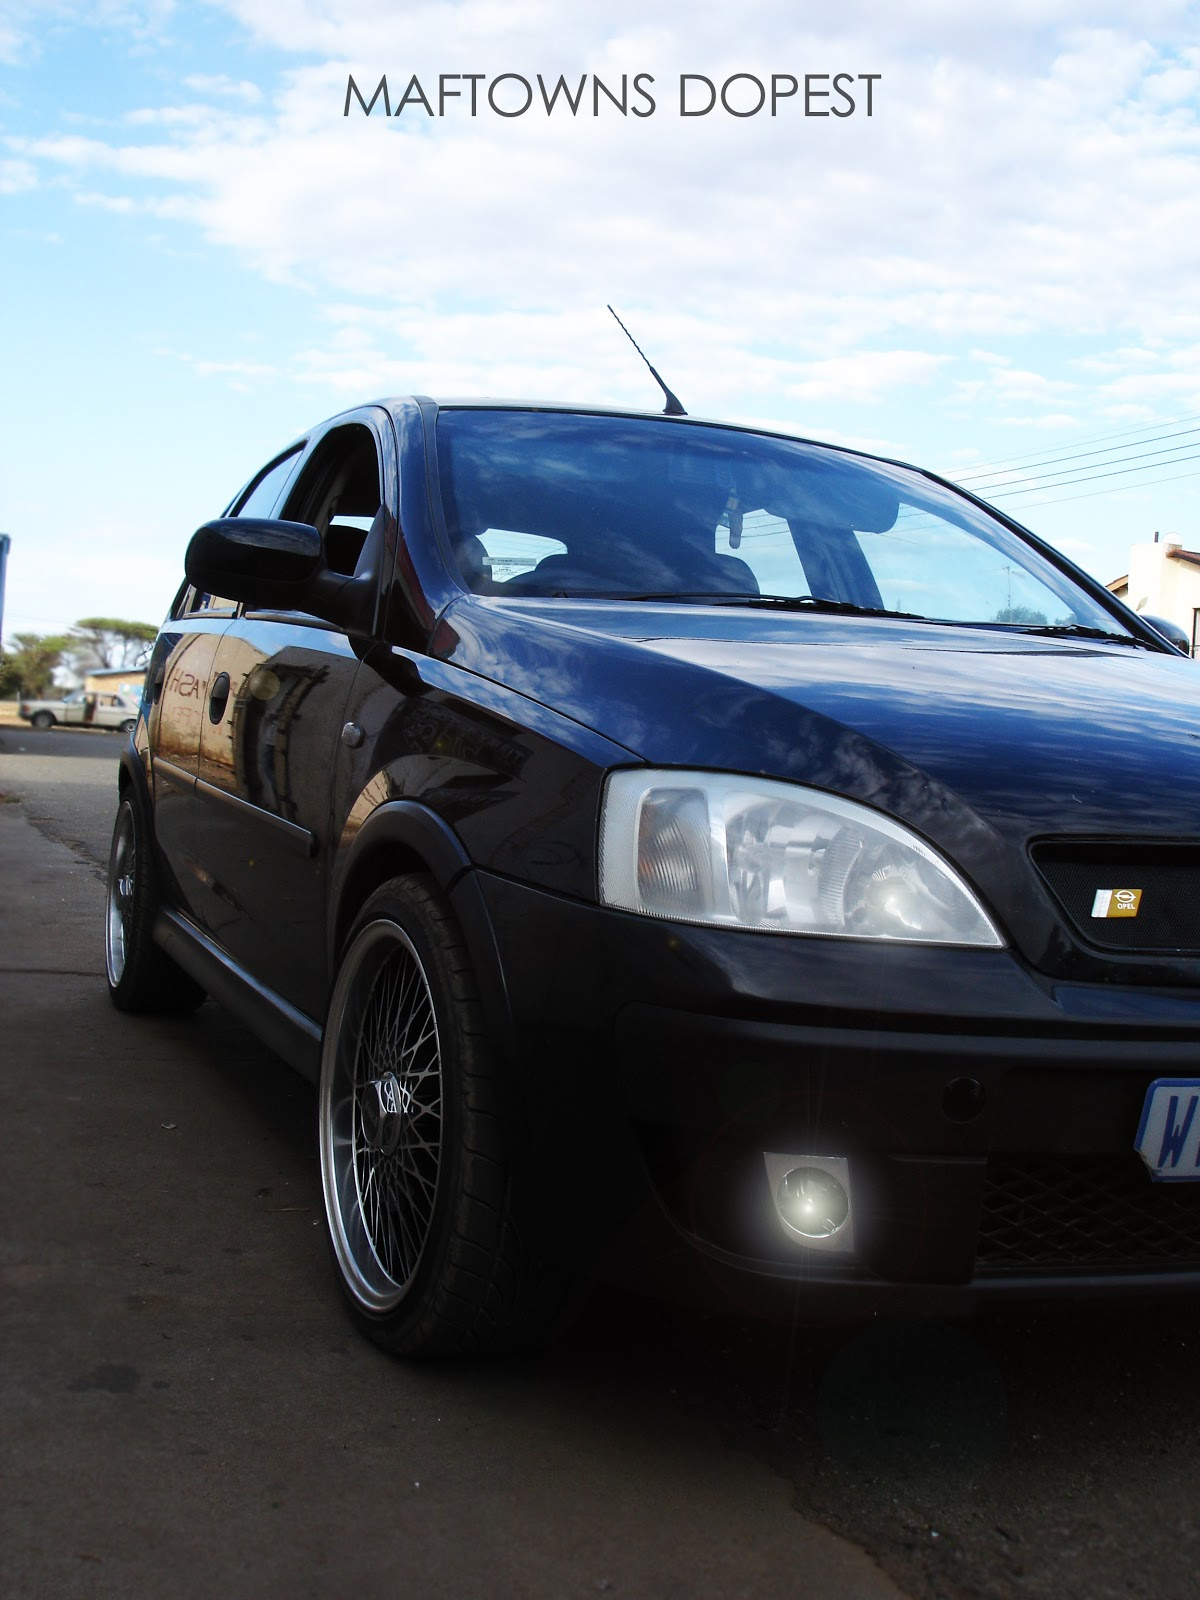 MAFTOWN'S DOPEST: Money Lover's Opel Corsa